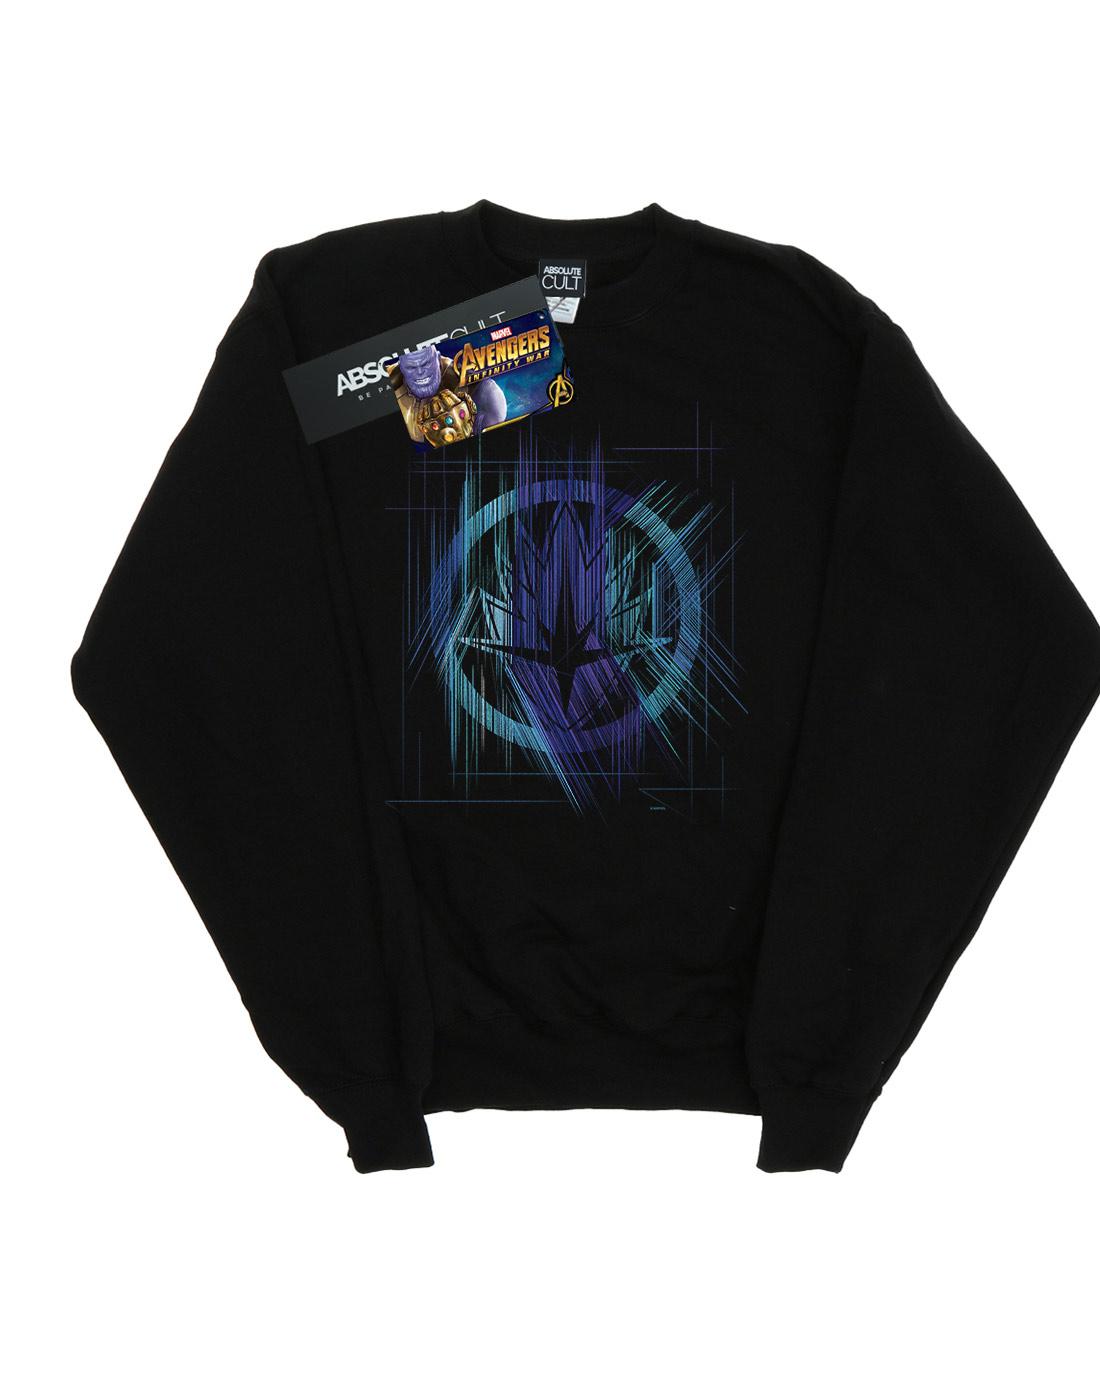 Marvel Damen Avengers Avengers Avengers Infinity War Guardian Lines Sweatshirt | Sorgfältig ausgewählte Materialien  | Authentische Garantie  | Spielzeugwelt, glücklich und grenzenlos  8f7e71